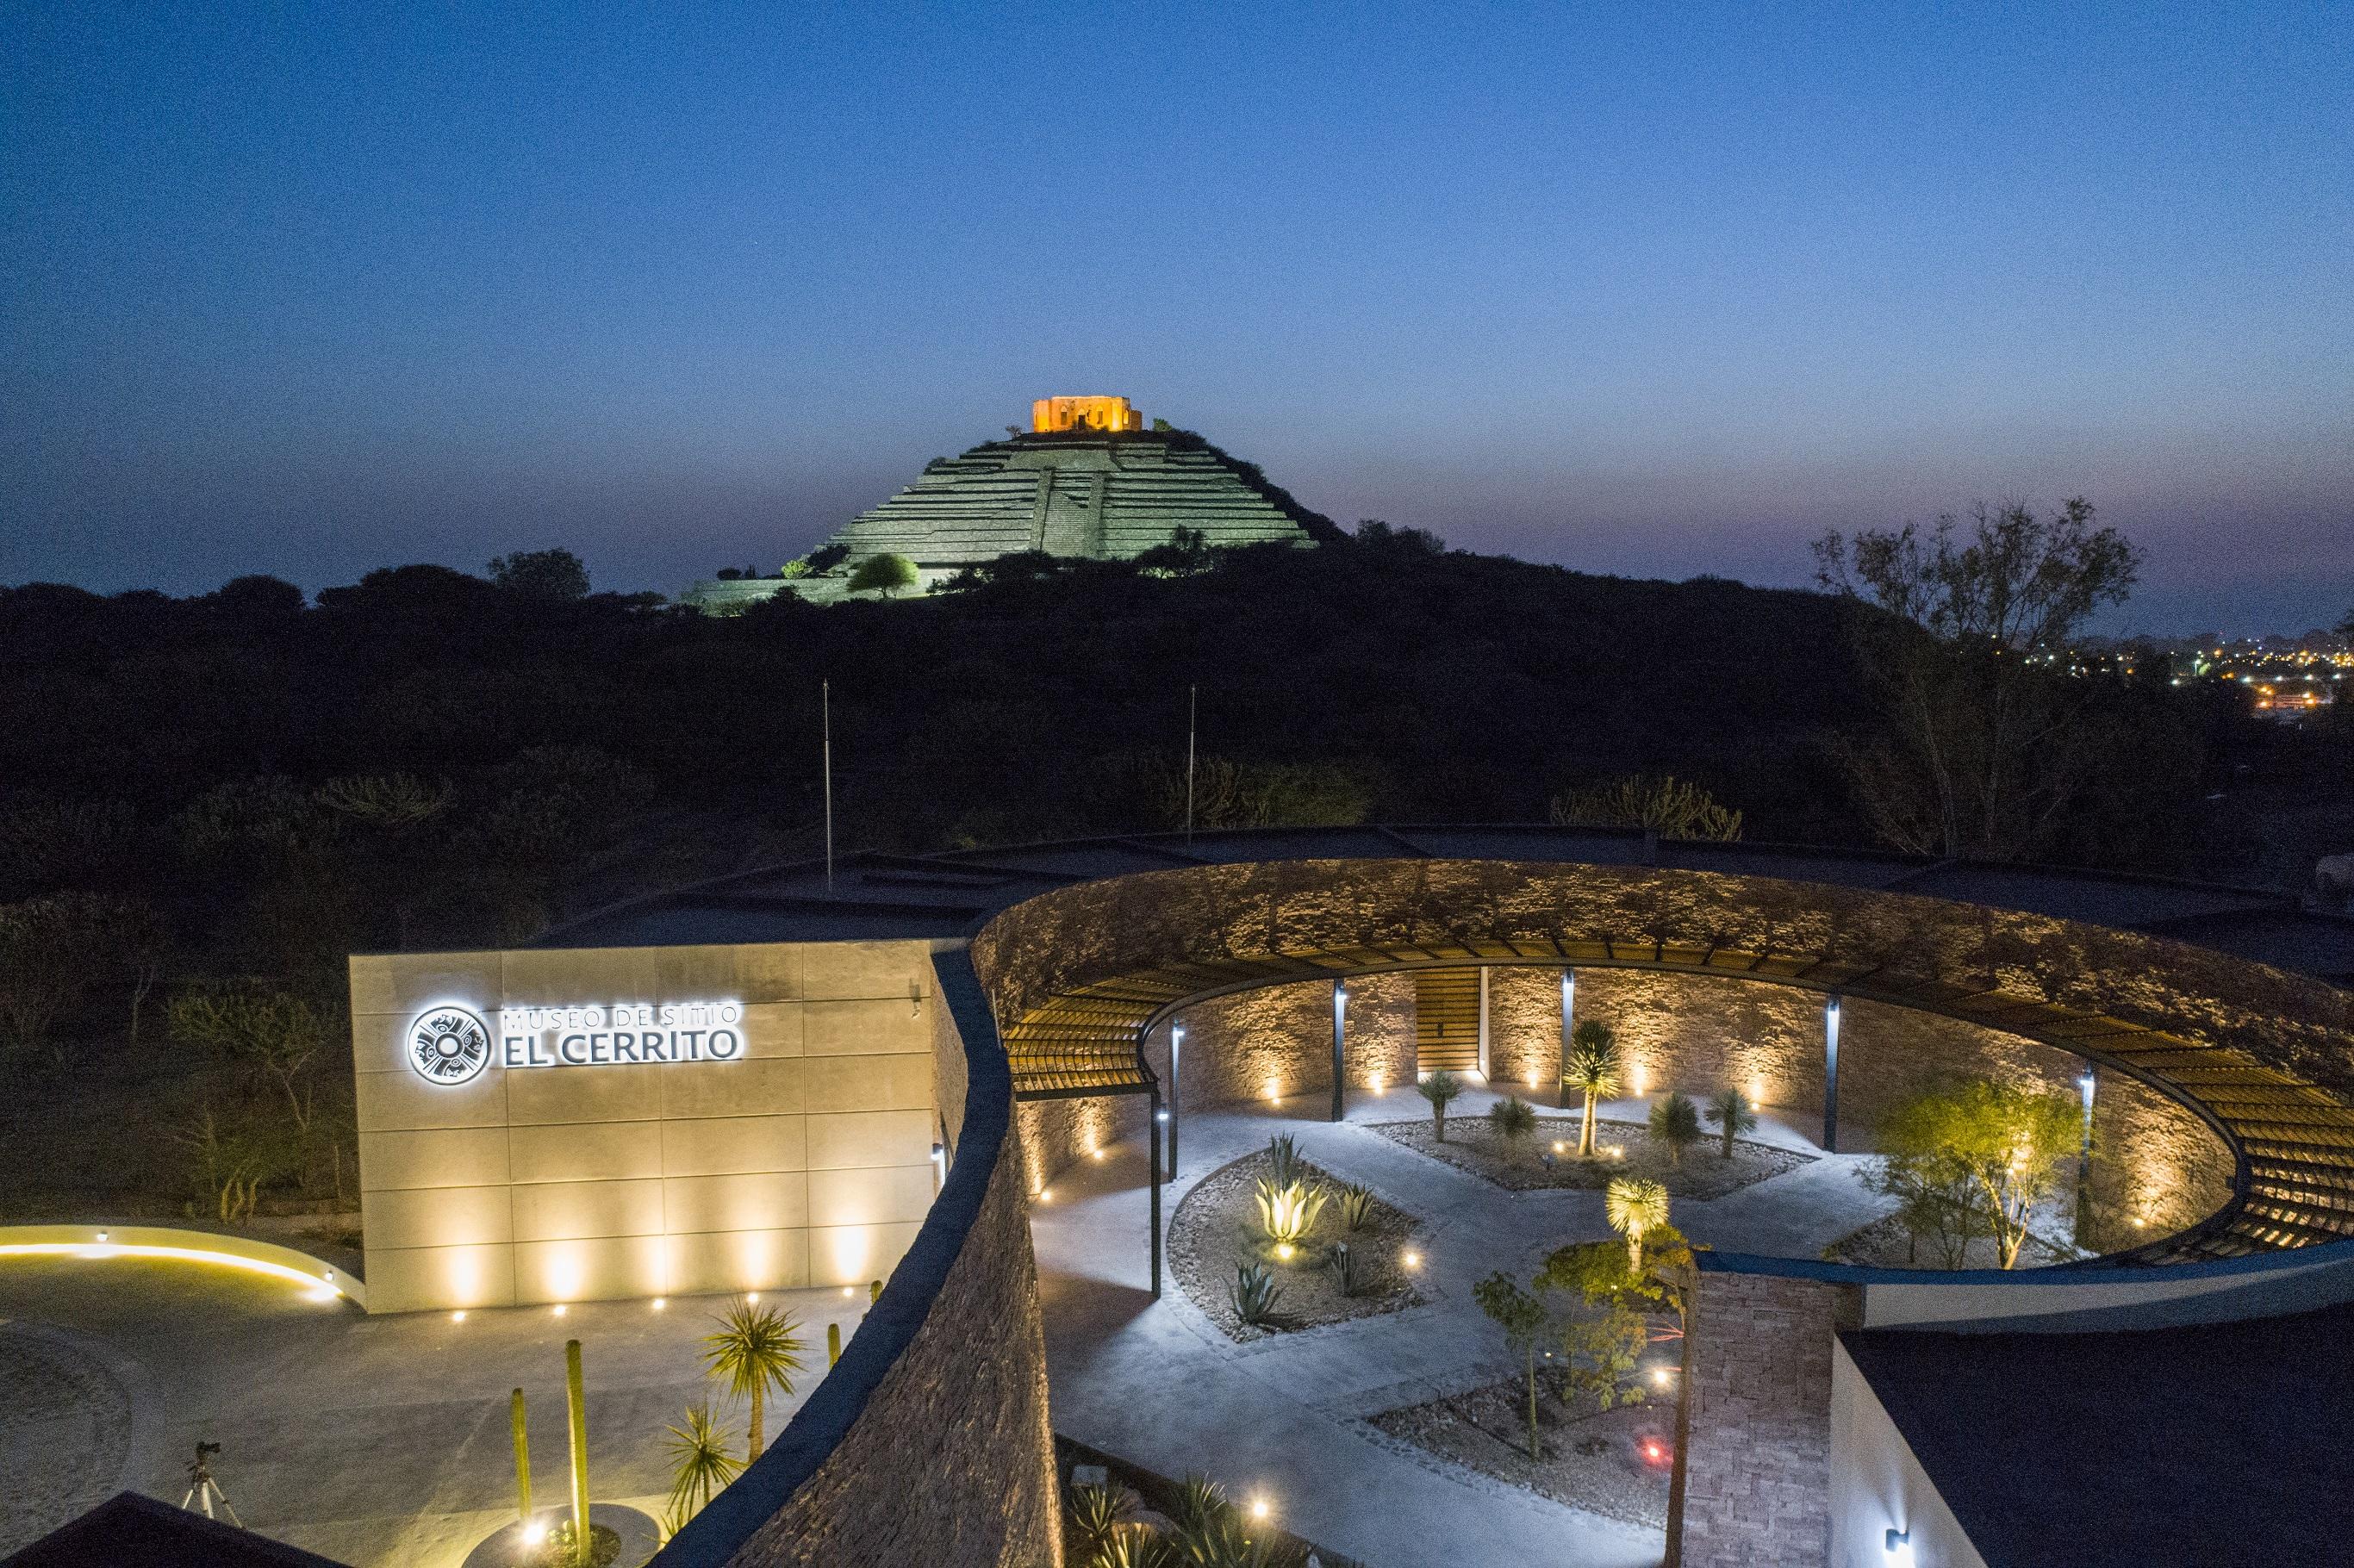 Museo de Sitio de la Zona Arqueológica de El Cerrito : Museos México :  Sistema de Información Cultural-Secretaría de Cultura